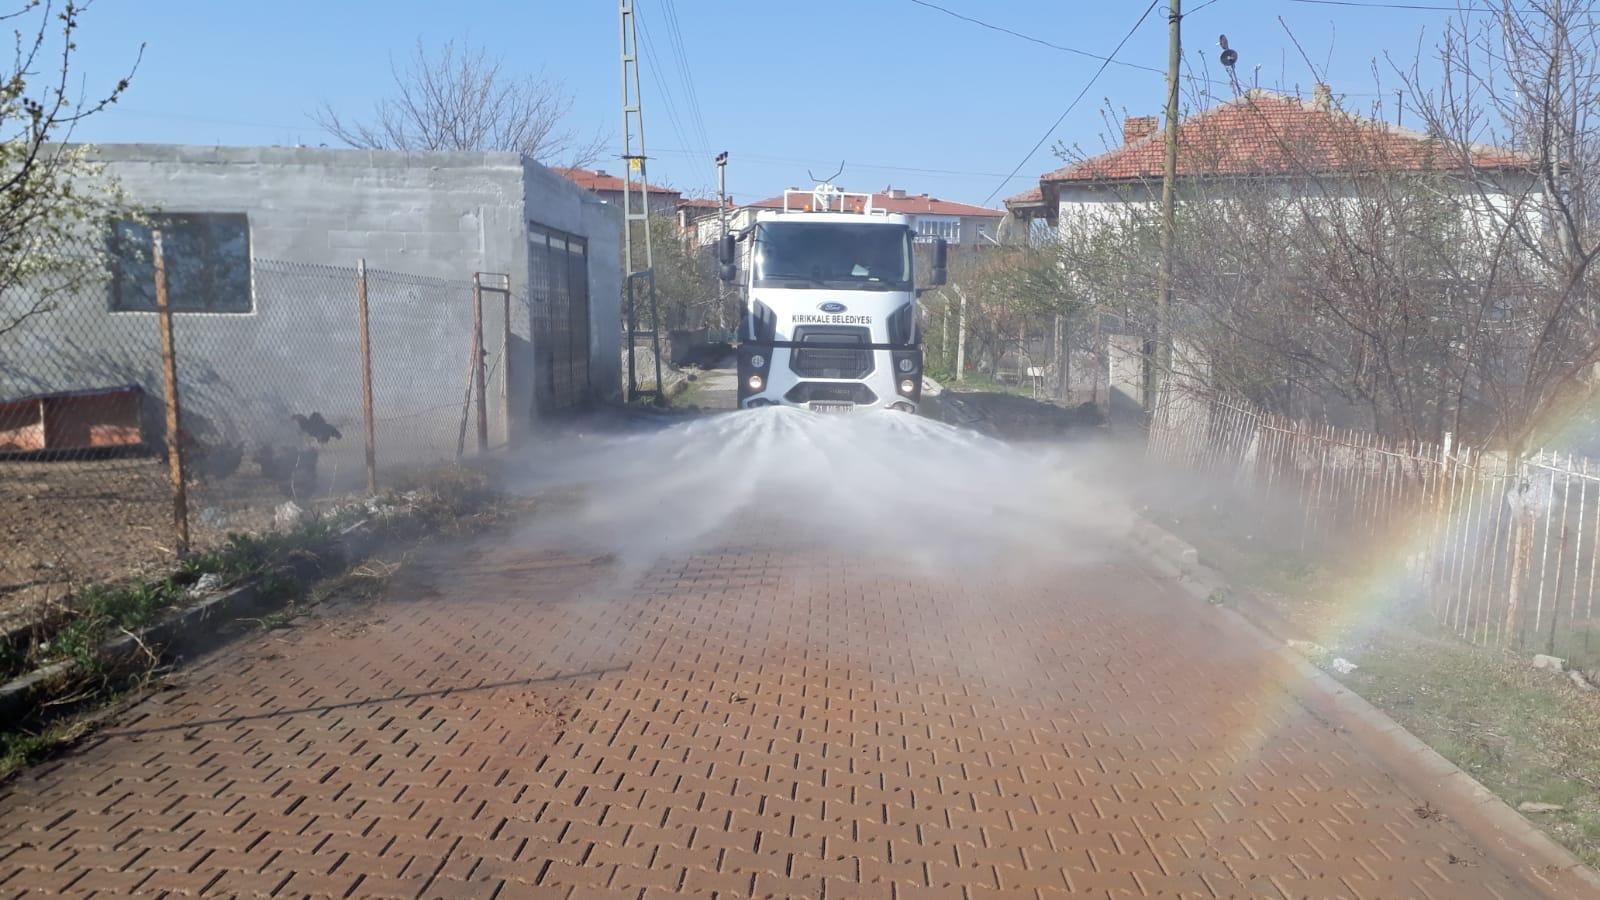 93569785 2479426552371271 2983746018555723776 o - Belediye'den Yoğun Mesai